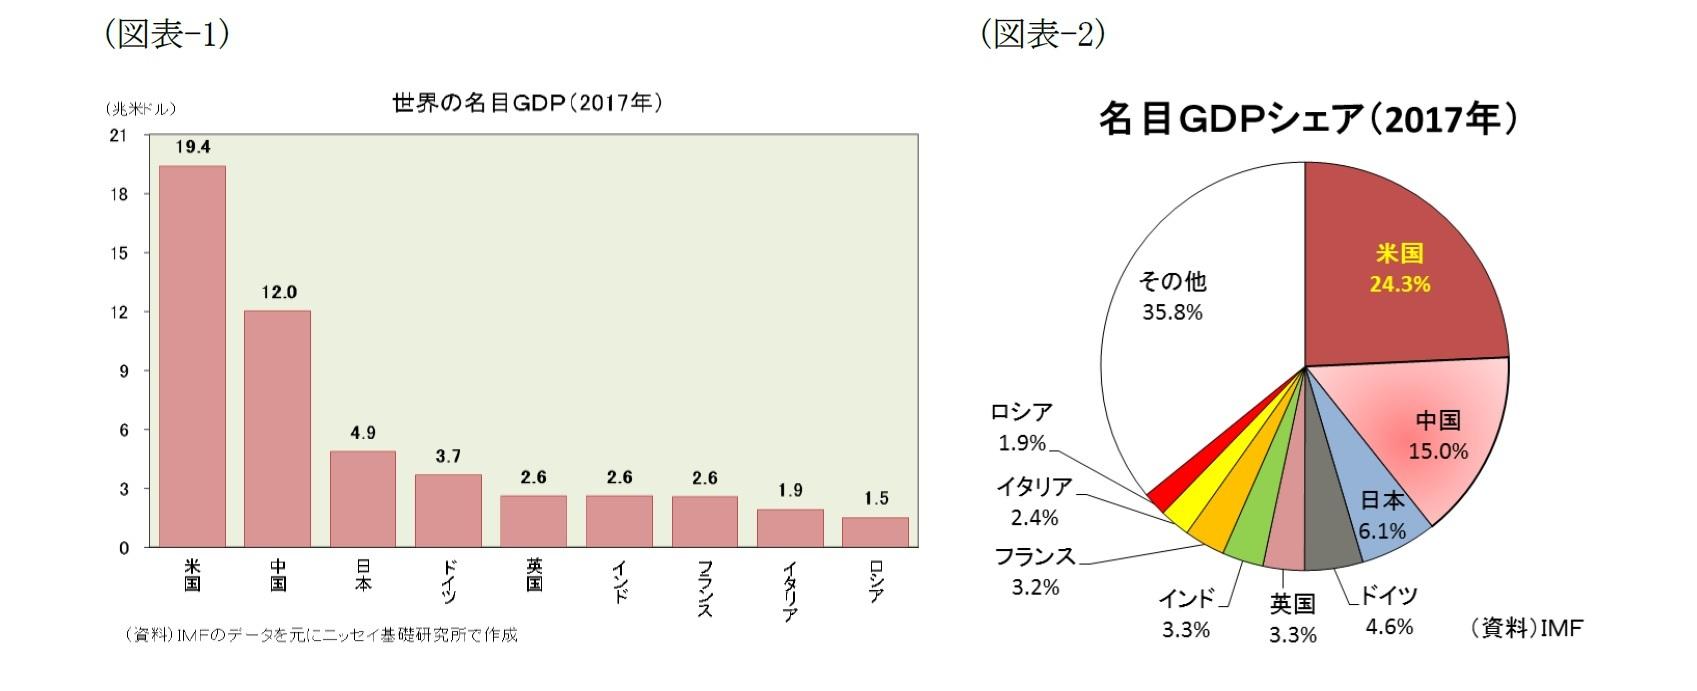 (図表-1)世界の名目GDP(2017年) /(図表-2)名目GDPシェア(2017年)